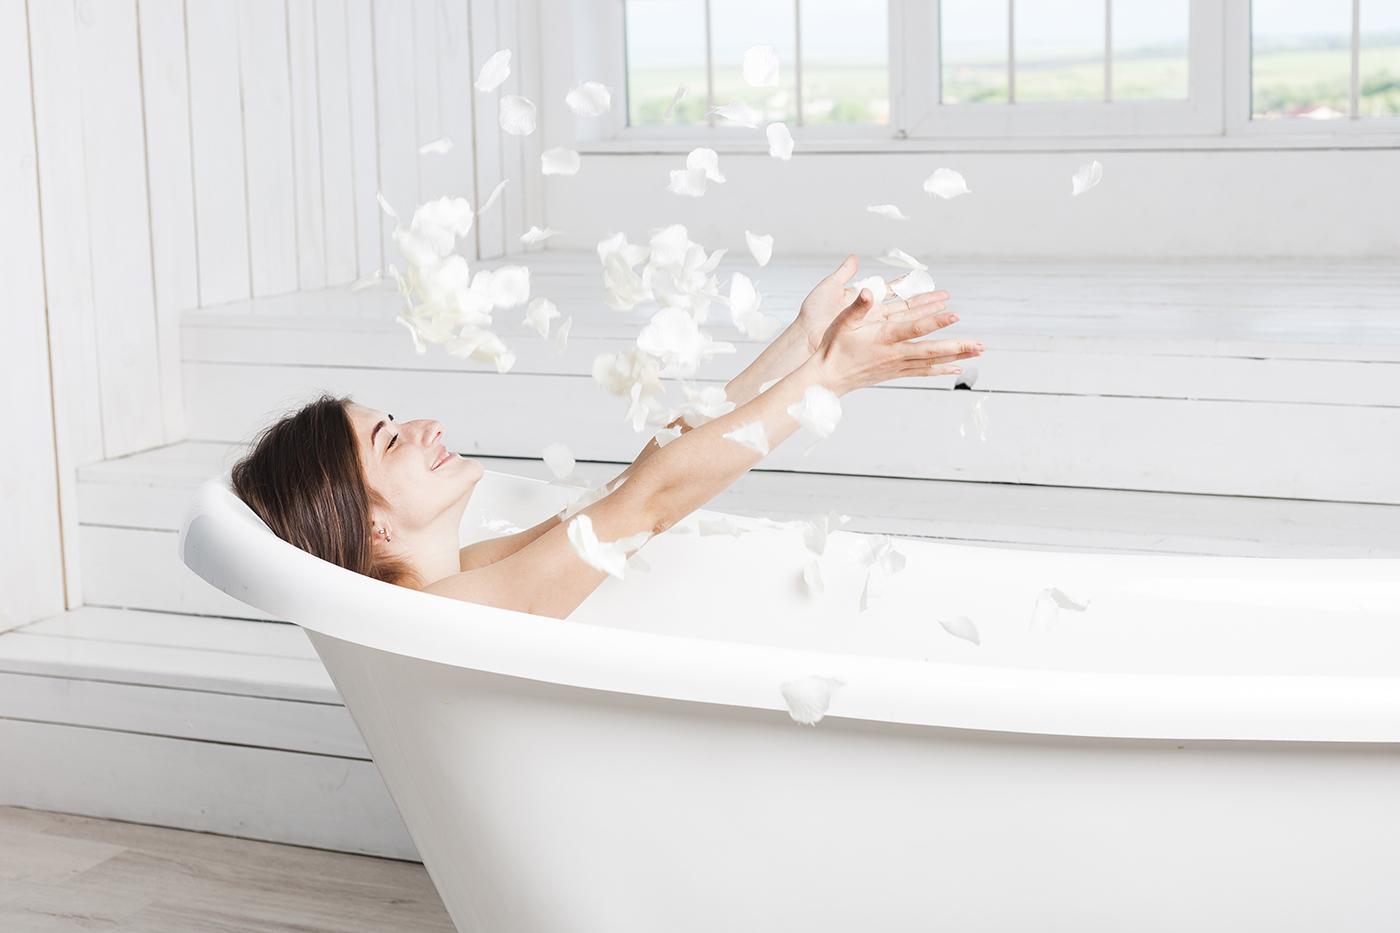 Ванна при беременности: принимать или не принимать?